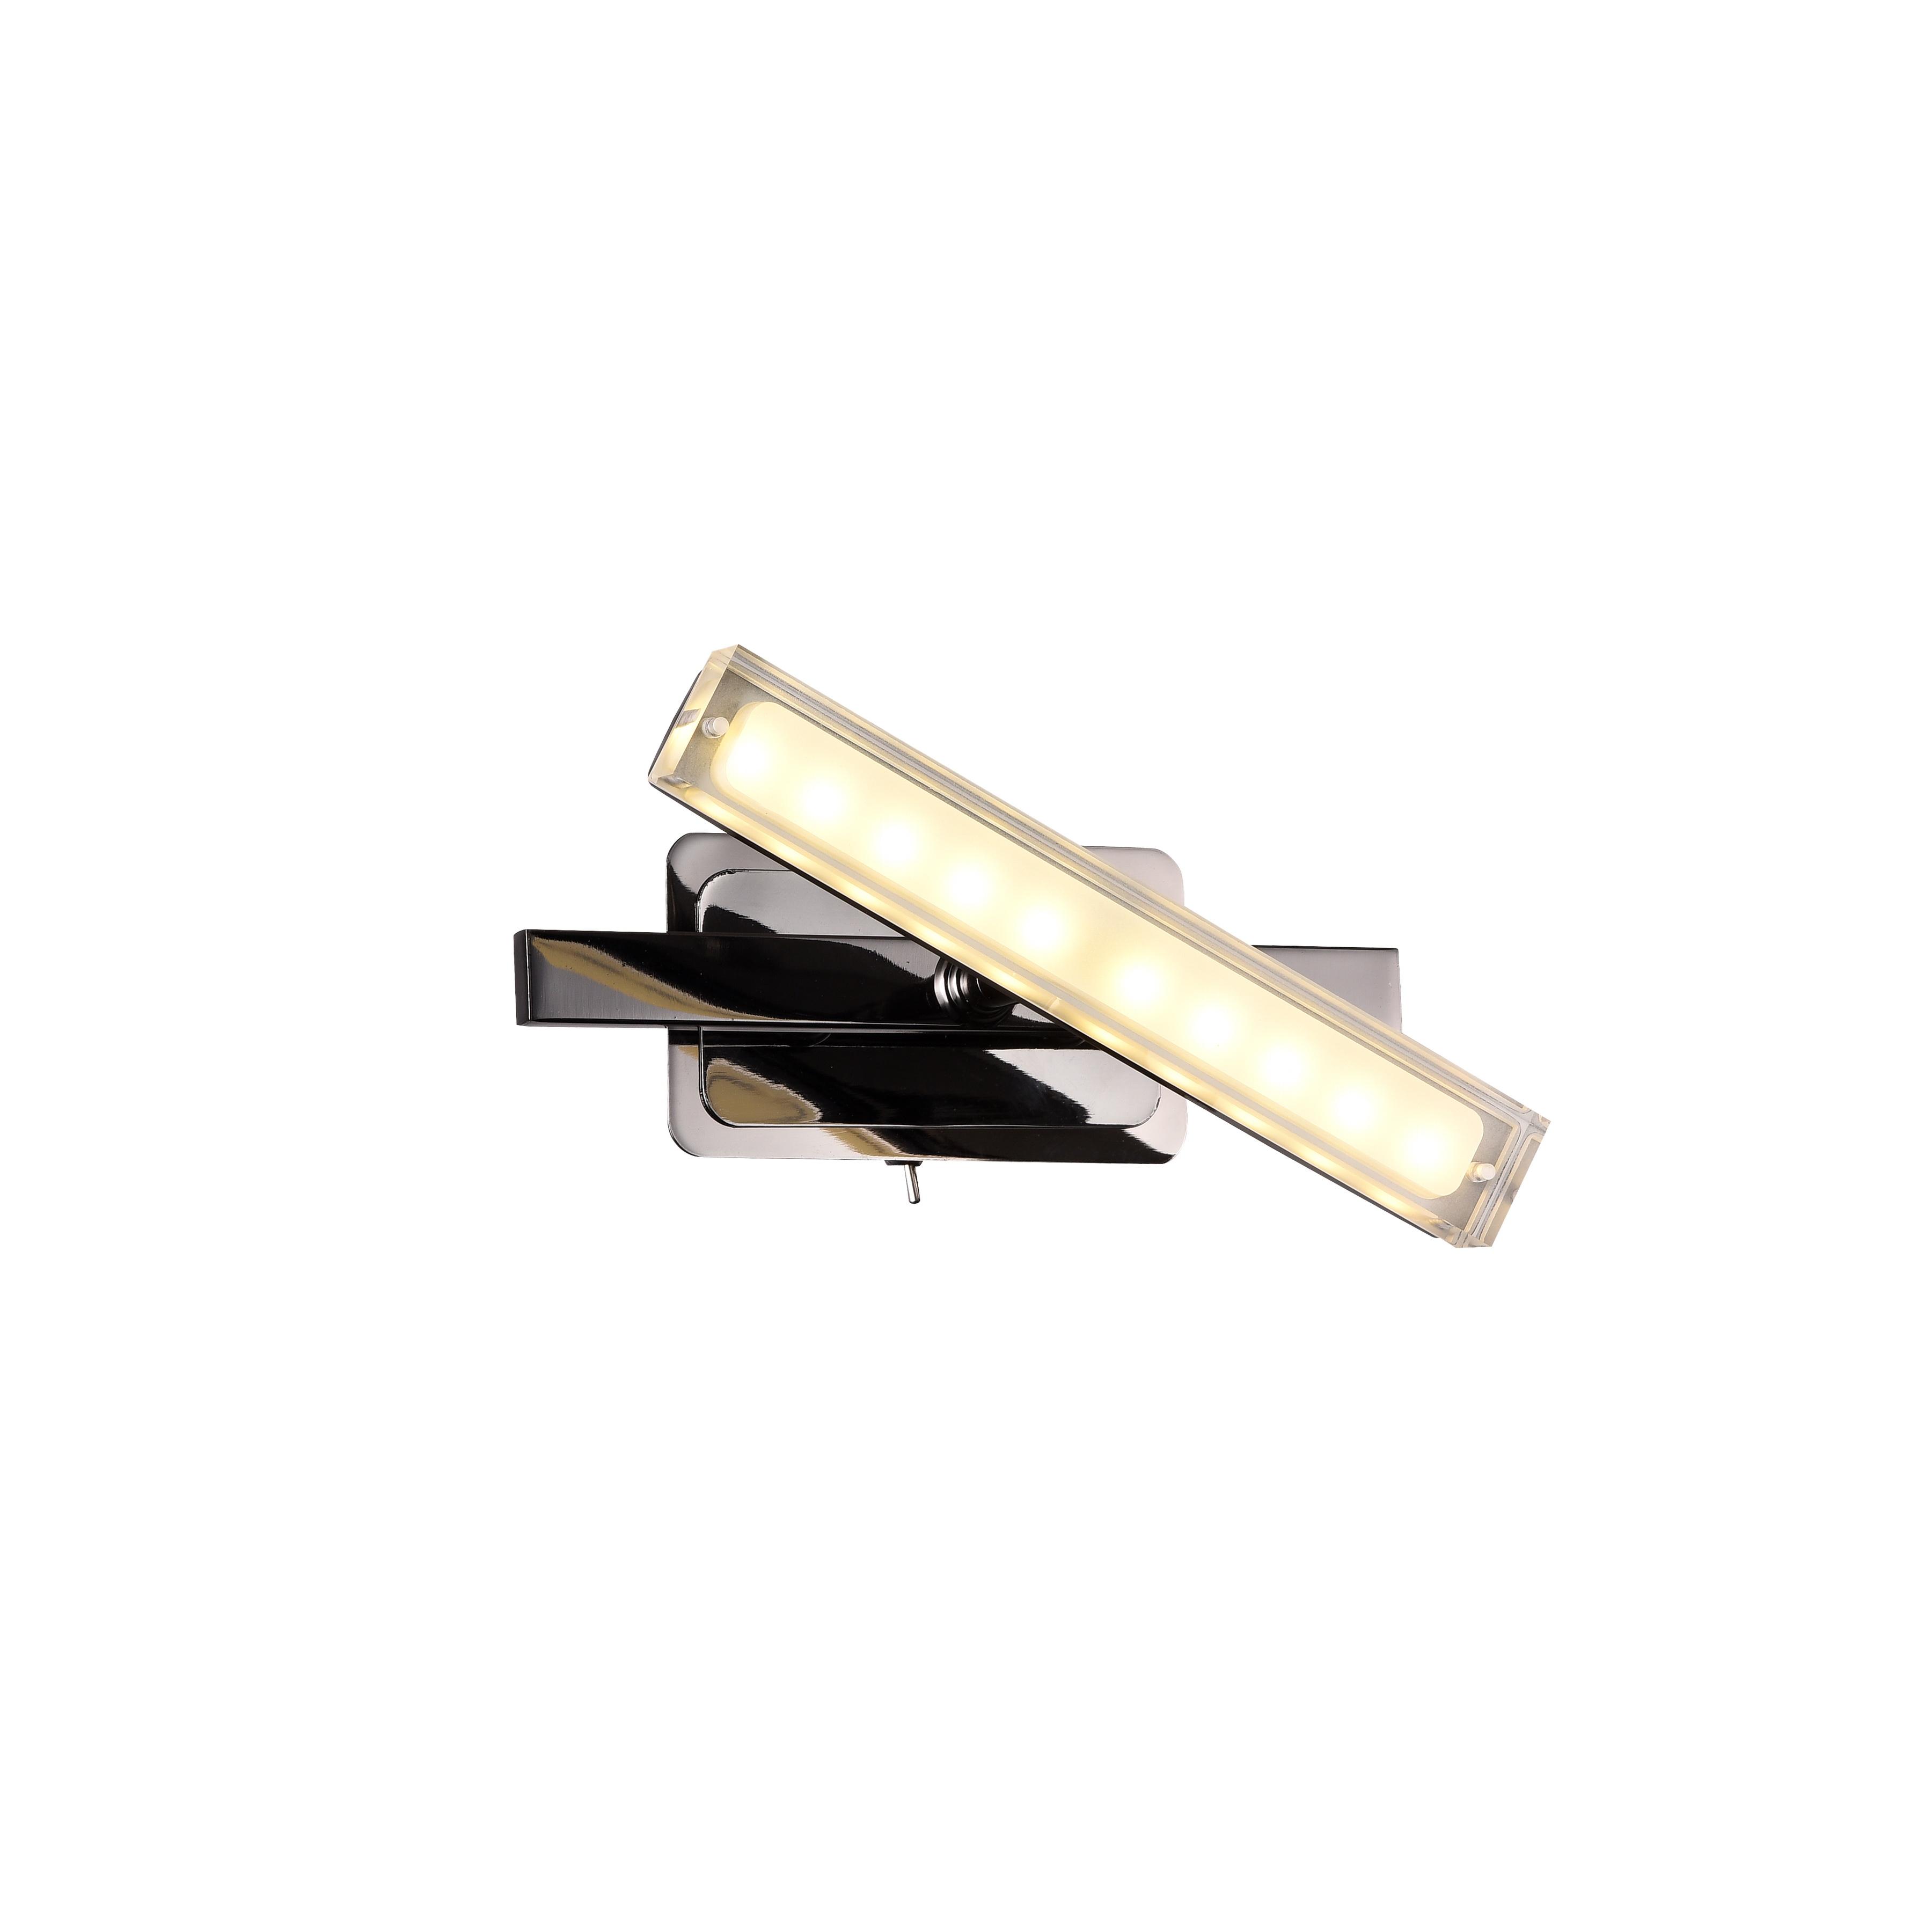 Спот RobertaСпоты<br>Светодиодный спот в стиле Хай-Тек. Спот с акриловым плафоном со встроенной светодиодной матрицей мощностью 5 W (Эквивалент лампы накаливания 33W). Цветовая температура 3000-3200К. <br>Спот  Roberta Black снабжен шарнирным механизмом, позволяющий менять направление освещения. Спот имеет металлический выключатель на корпусе.<br>Спот поставляется в собранном виде и имеет в комплекте все необходимые для монтажа крепежные элементы.&amp;lt;div&amp;gt;&amp;lt;br&amp;gt;&amp;lt;/div&amp;gt;&amp;lt;div&amp;gt;&amp;lt;div&amp;gt;Цоколь: LED&amp;lt;/div&amp;gt;&amp;lt;div&amp;gt;Мощность лампы: 5W&amp;lt;/div&amp;gt;&amp;lt;div&amp;gt;Количество ламп: 1&amp;lt;/div&amp;gt;&amp;lt;/div&amp;gt;<br><br>Material: Металл<br>Width см: 20<br>Depth см: 11,8<br>Height см: 11,4